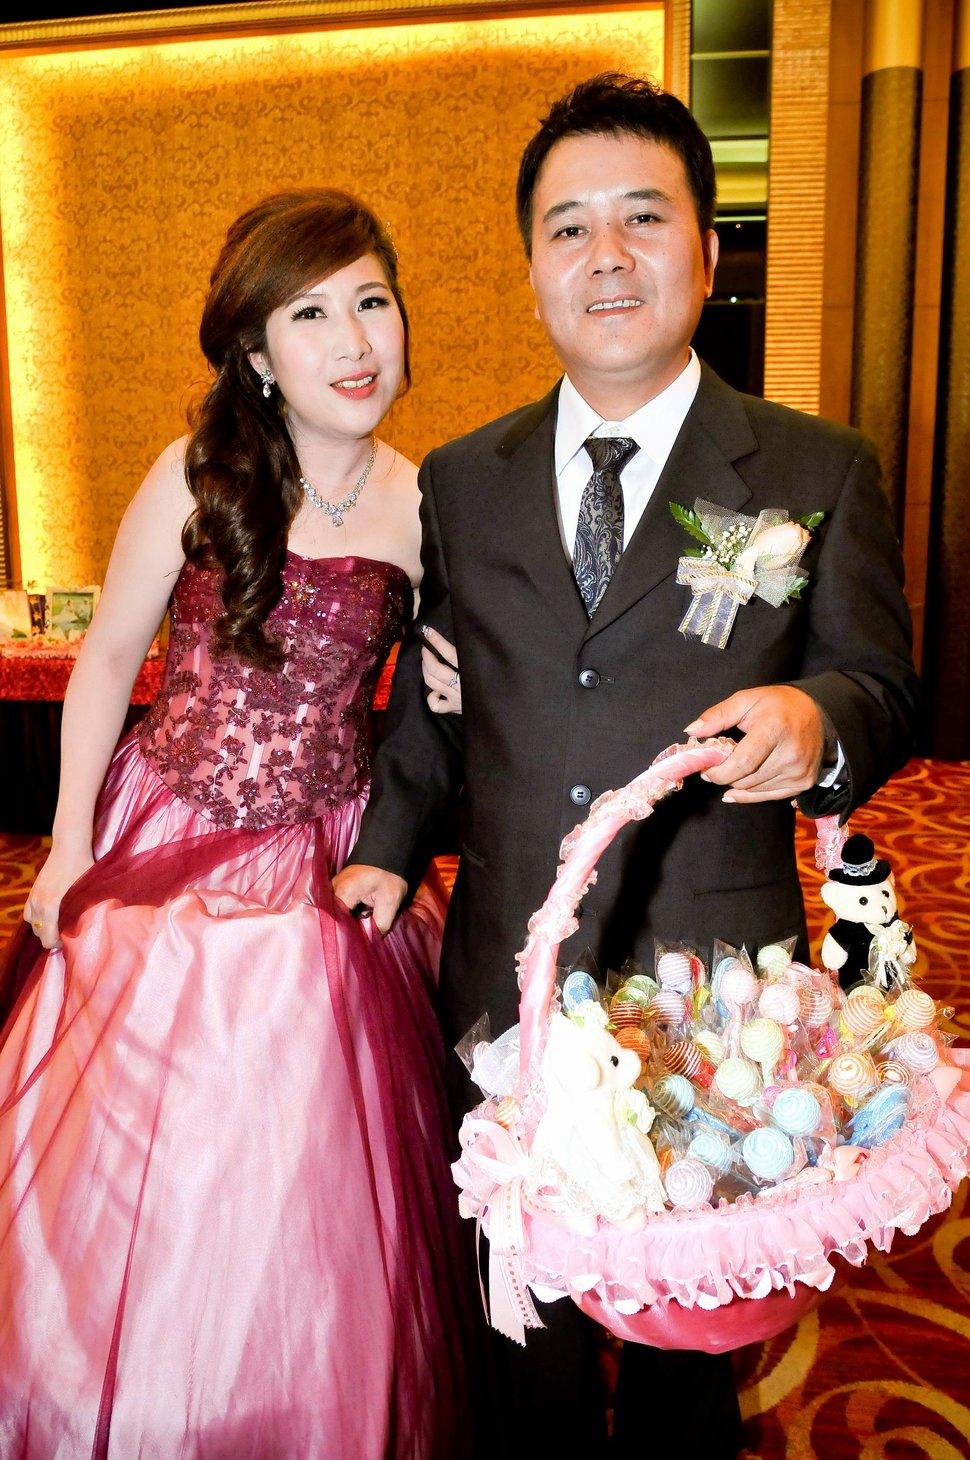 專業婚攝婚禮紀錄婚禮紀錄專業錄影婚禮錄影婚禮記錄動態微電影錄影專業錄影平面攝影婚攝婚禮主持人(編號:280574) - 蜜月拍照10800錄影12800攝影團隊 - 結婚吧